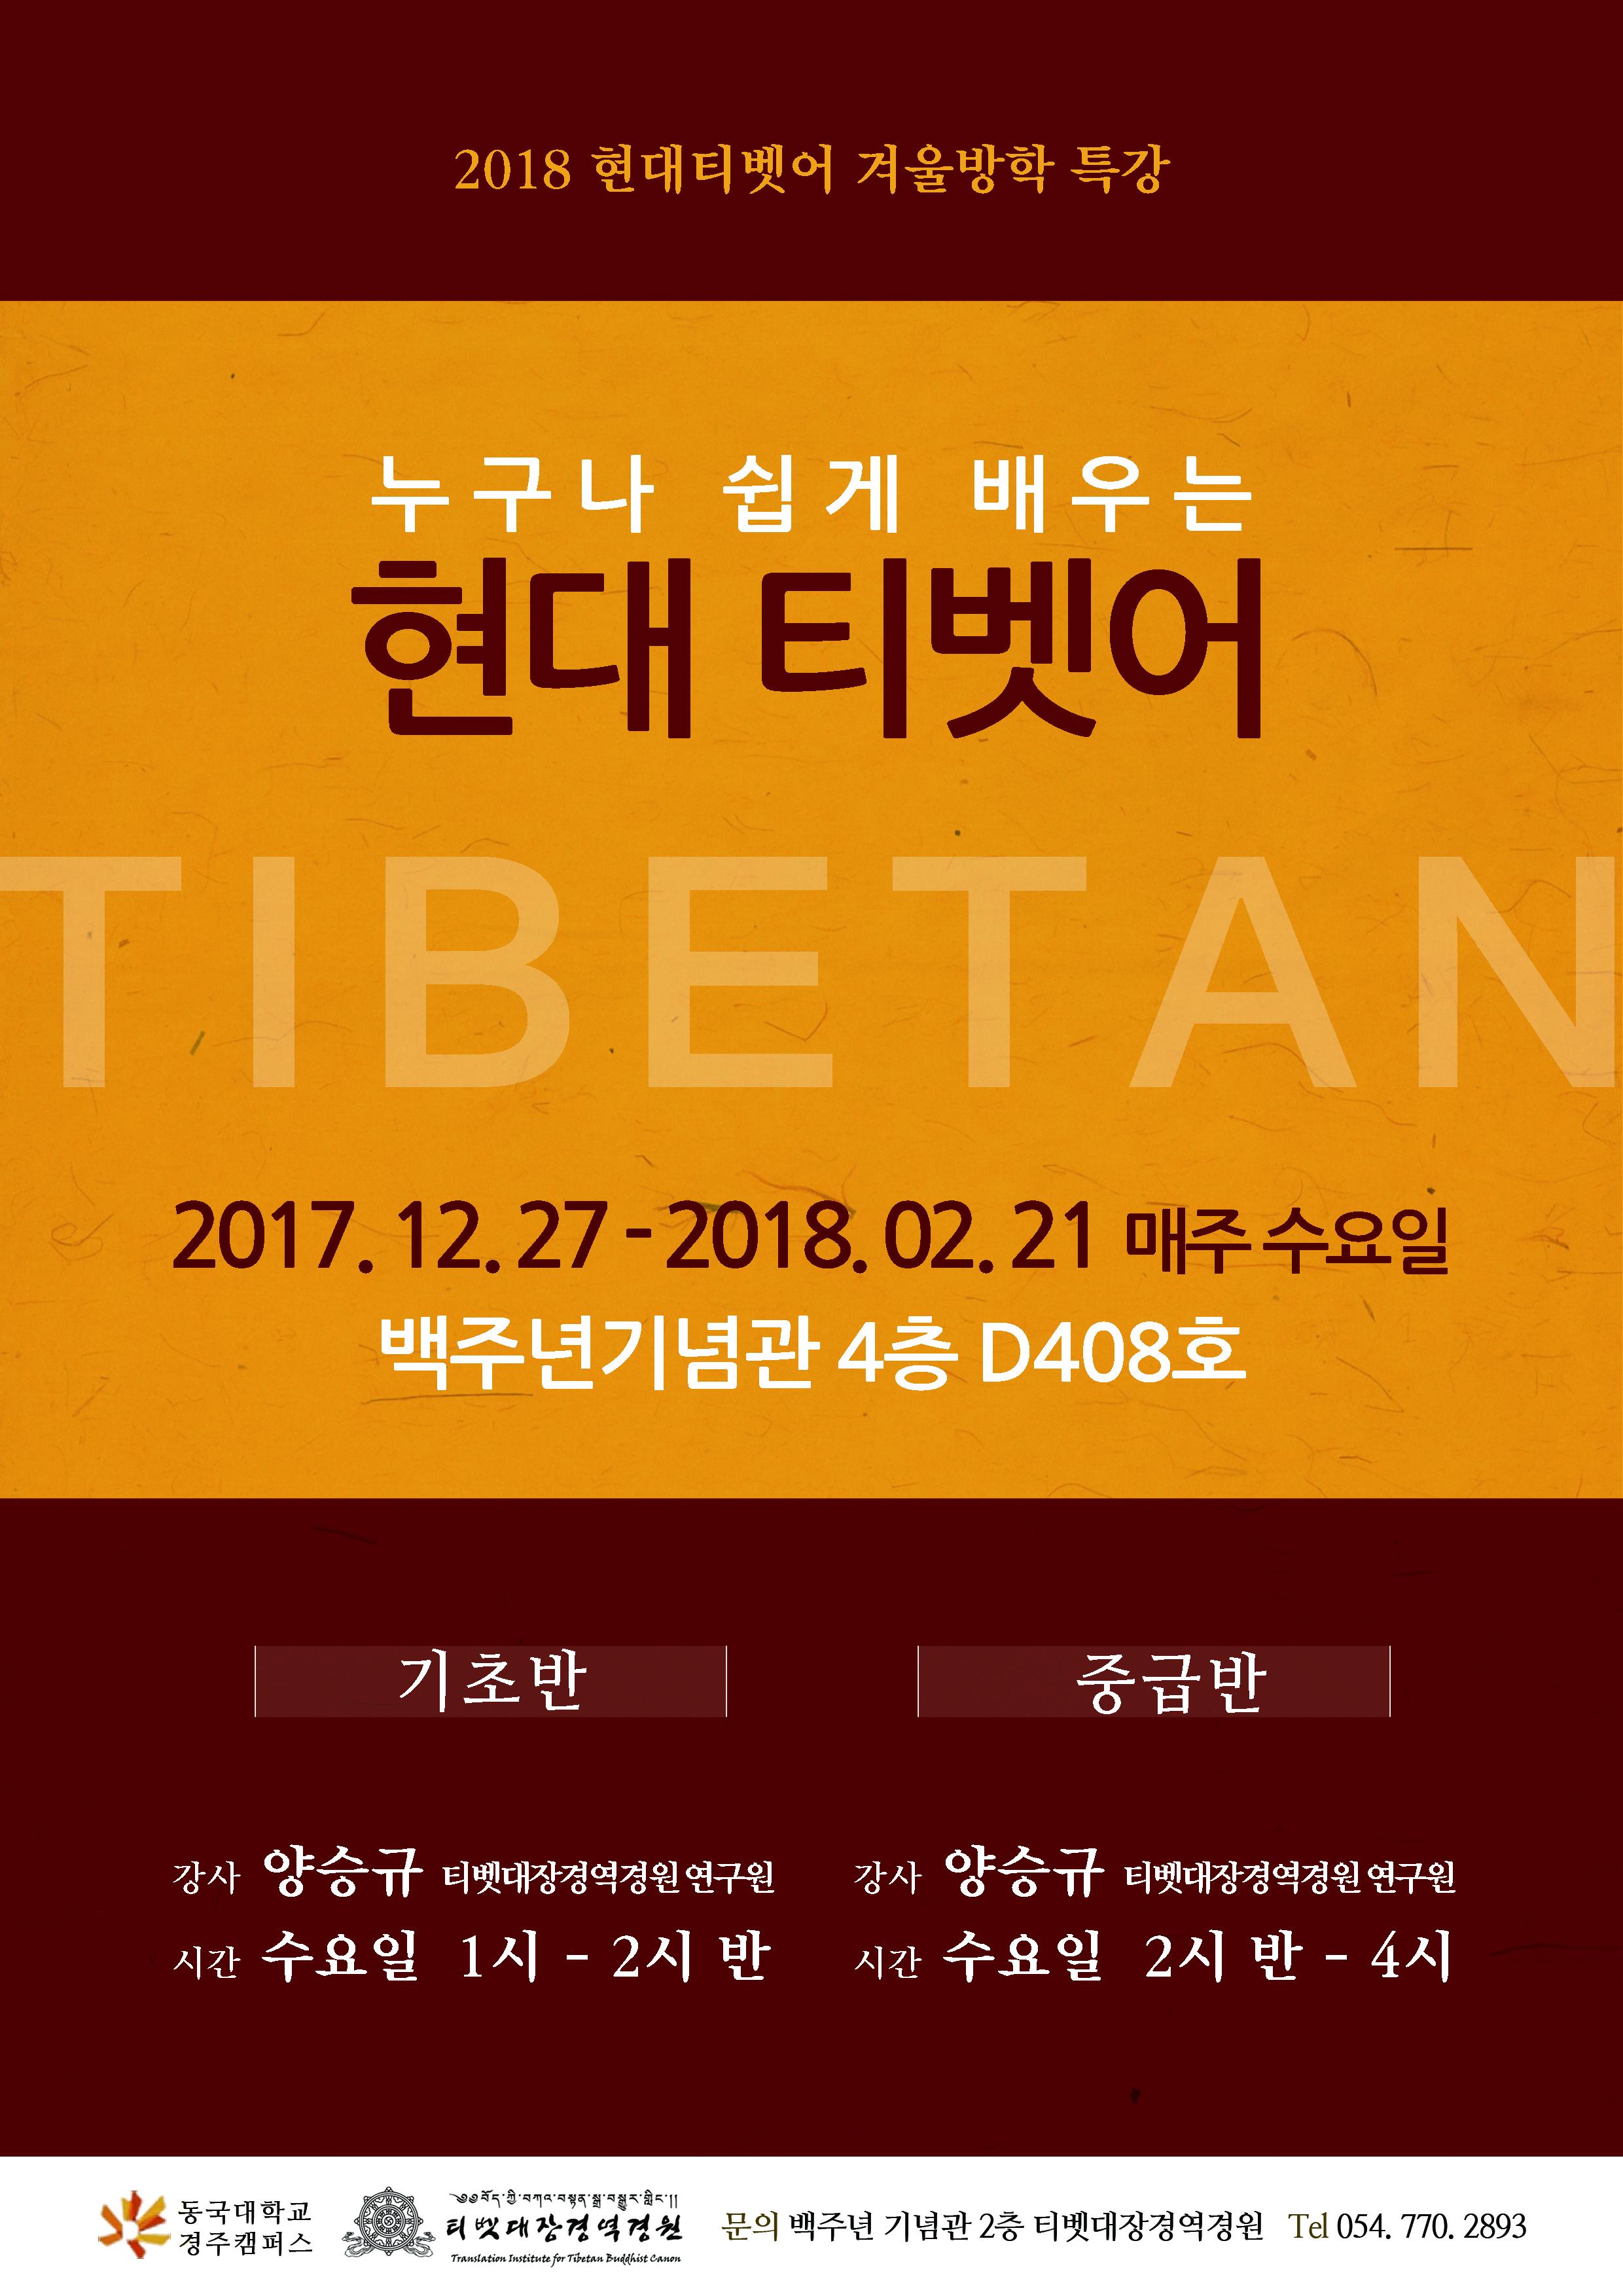 171212_현대티벳어 겨울방학특강 포스터.jpg